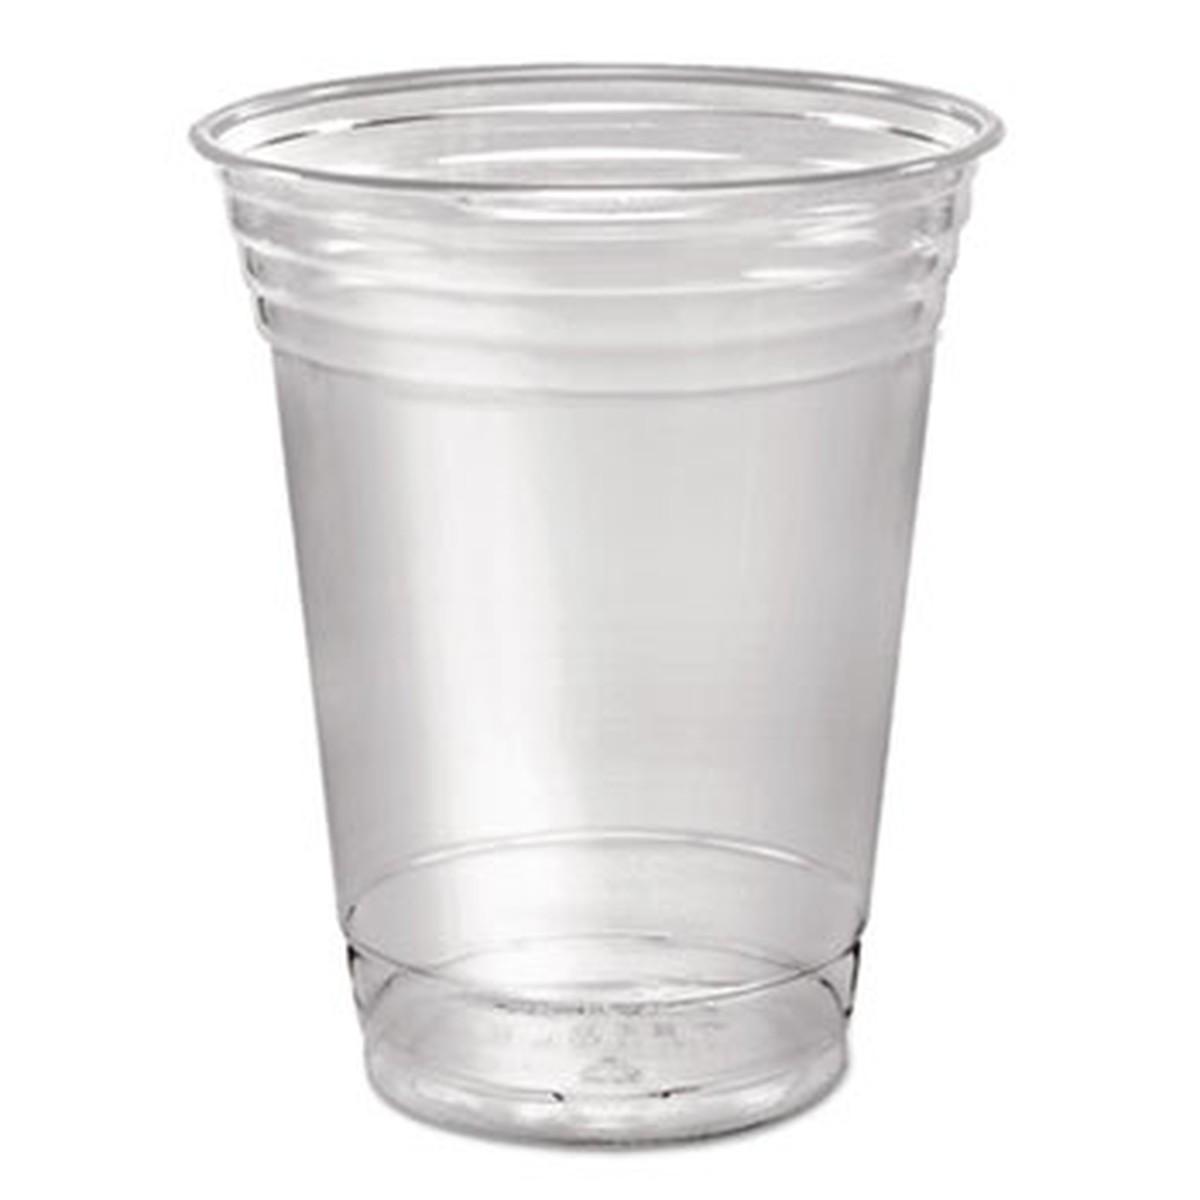 Ultra Clear Cups, Squat, 16-18 oz, PET, 50/Pack